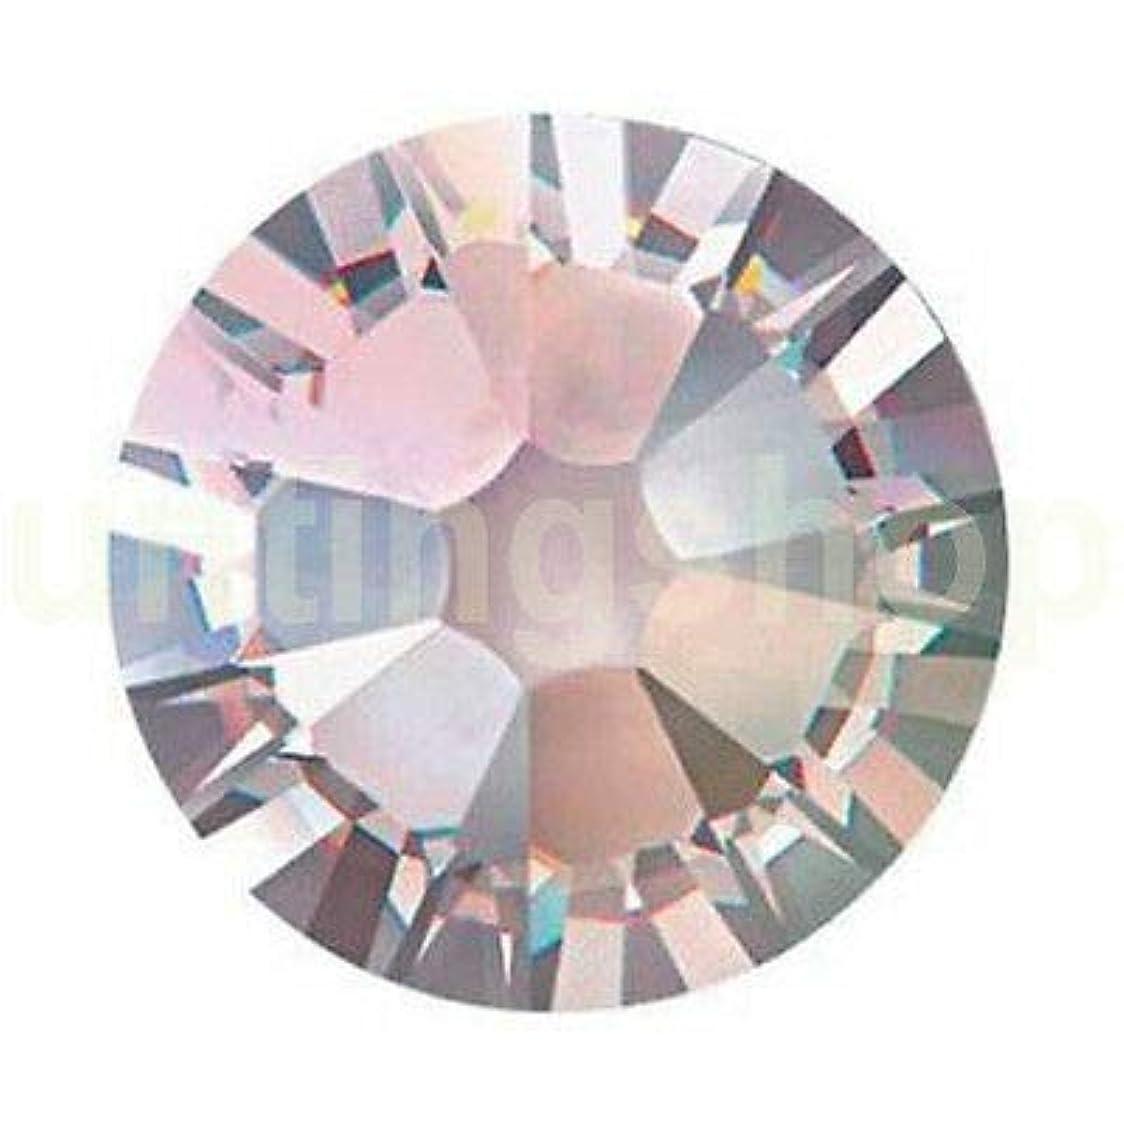 医薬品タイトバッグFidgetGear DIY 1.3-8.5 mmクリスタルヒラタラインストーンネイルアートデコレーションSS3-SS40 クリスタルAB